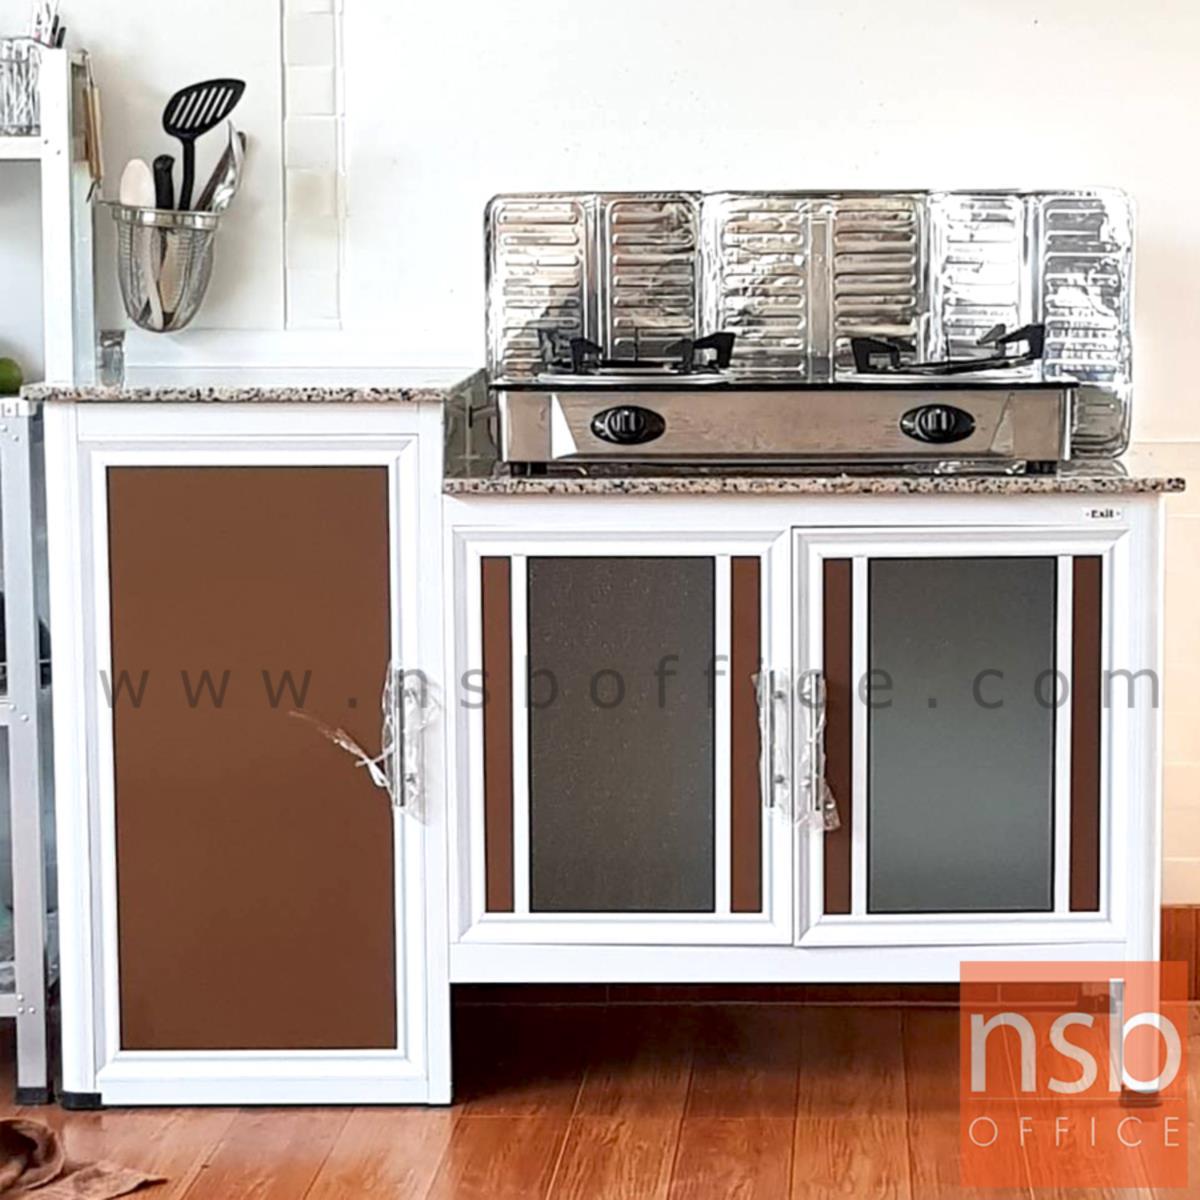 ตู้ครัววางเตาแก๊สอลูมิเนียม กว้าง 128 ซม รุ่น GBPE 128